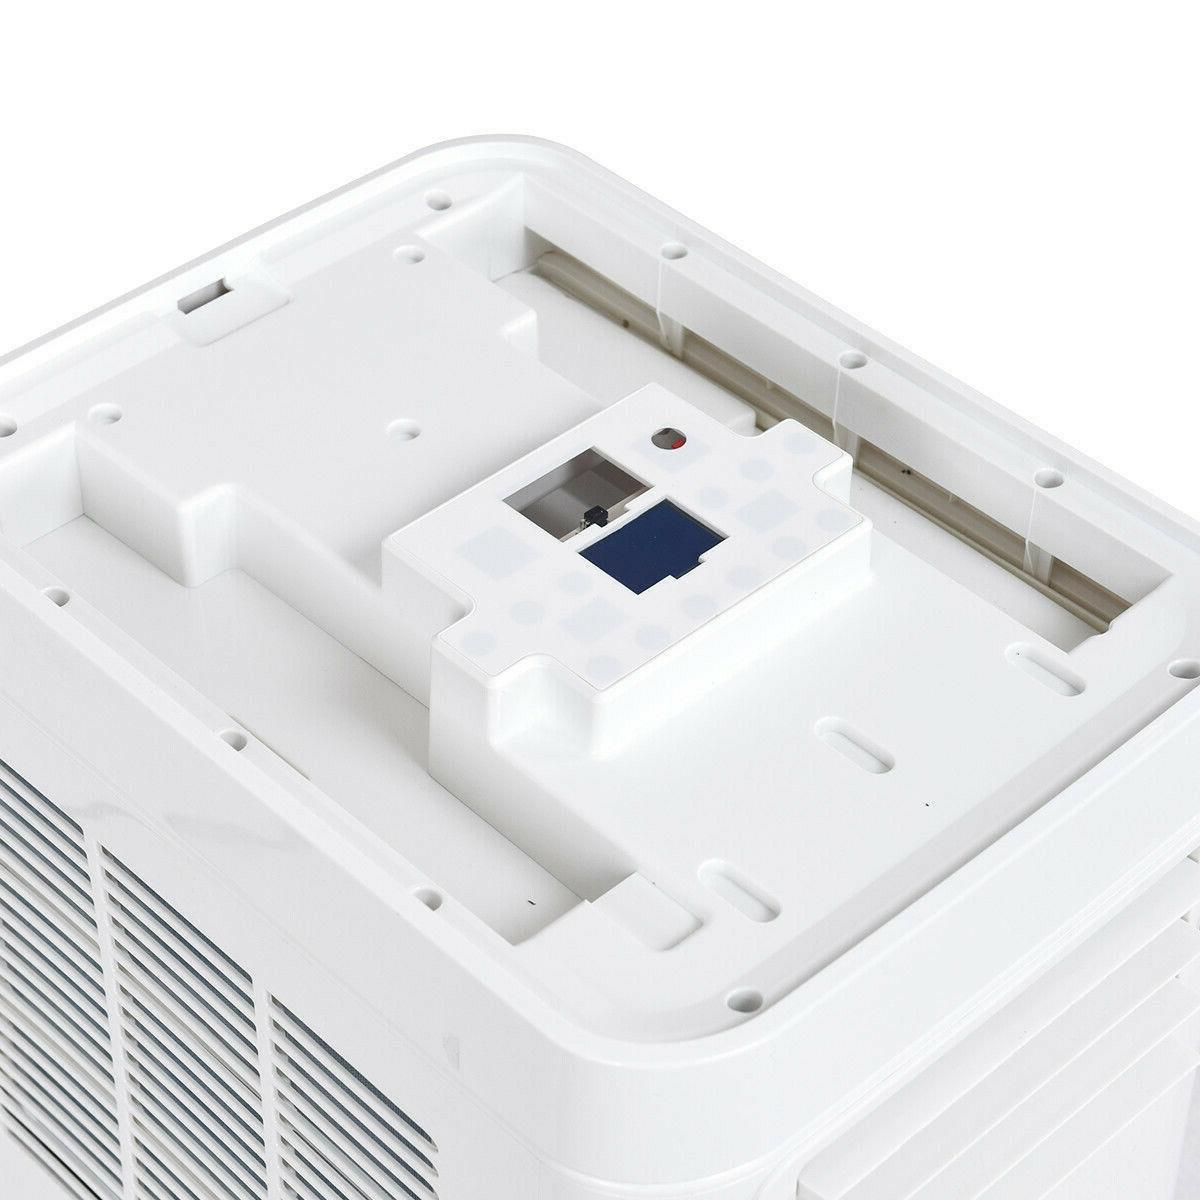 Portable Air AC &